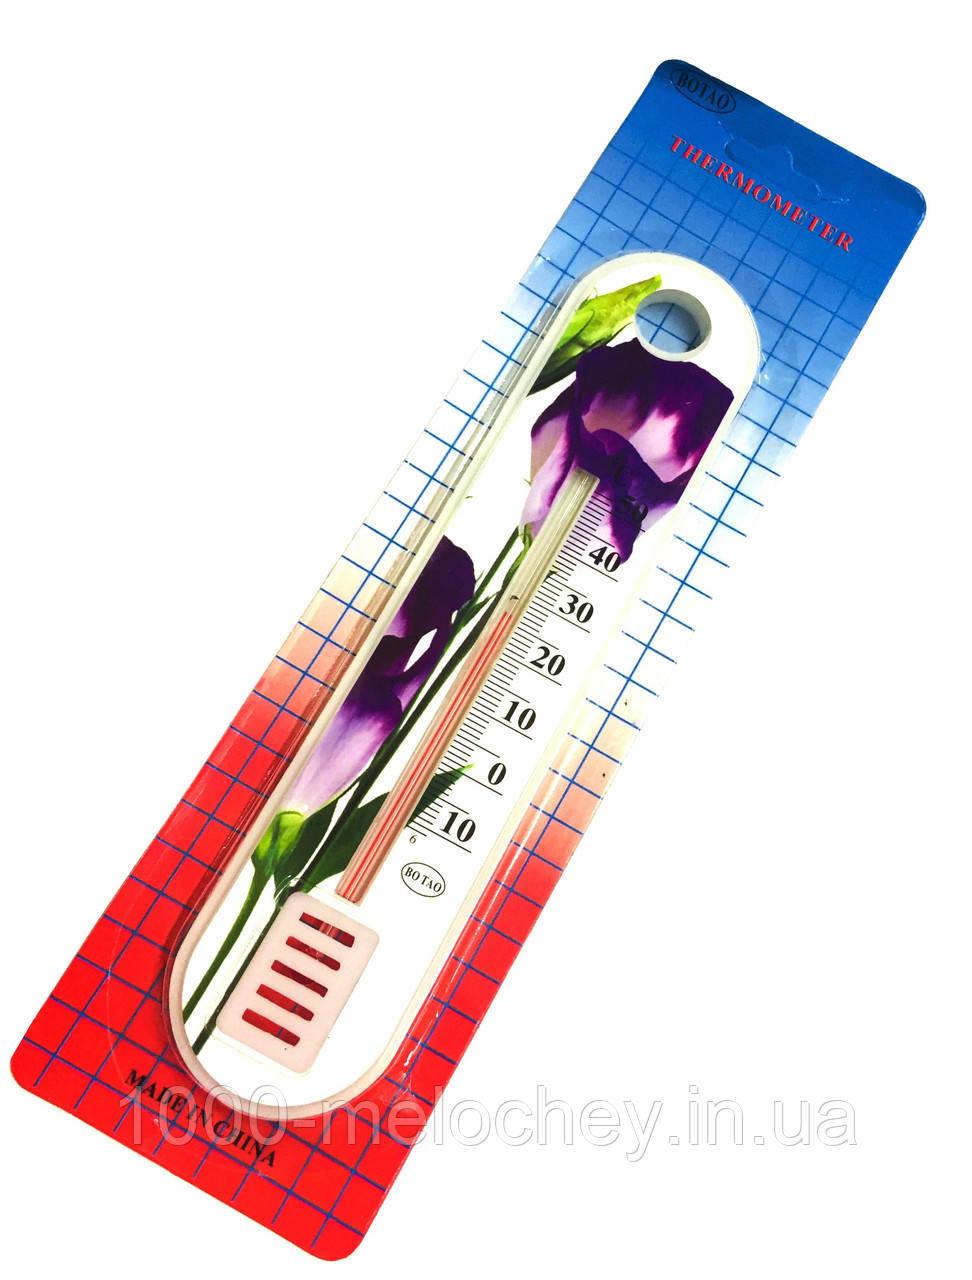 Термометр кімнатний Квітка, Китай